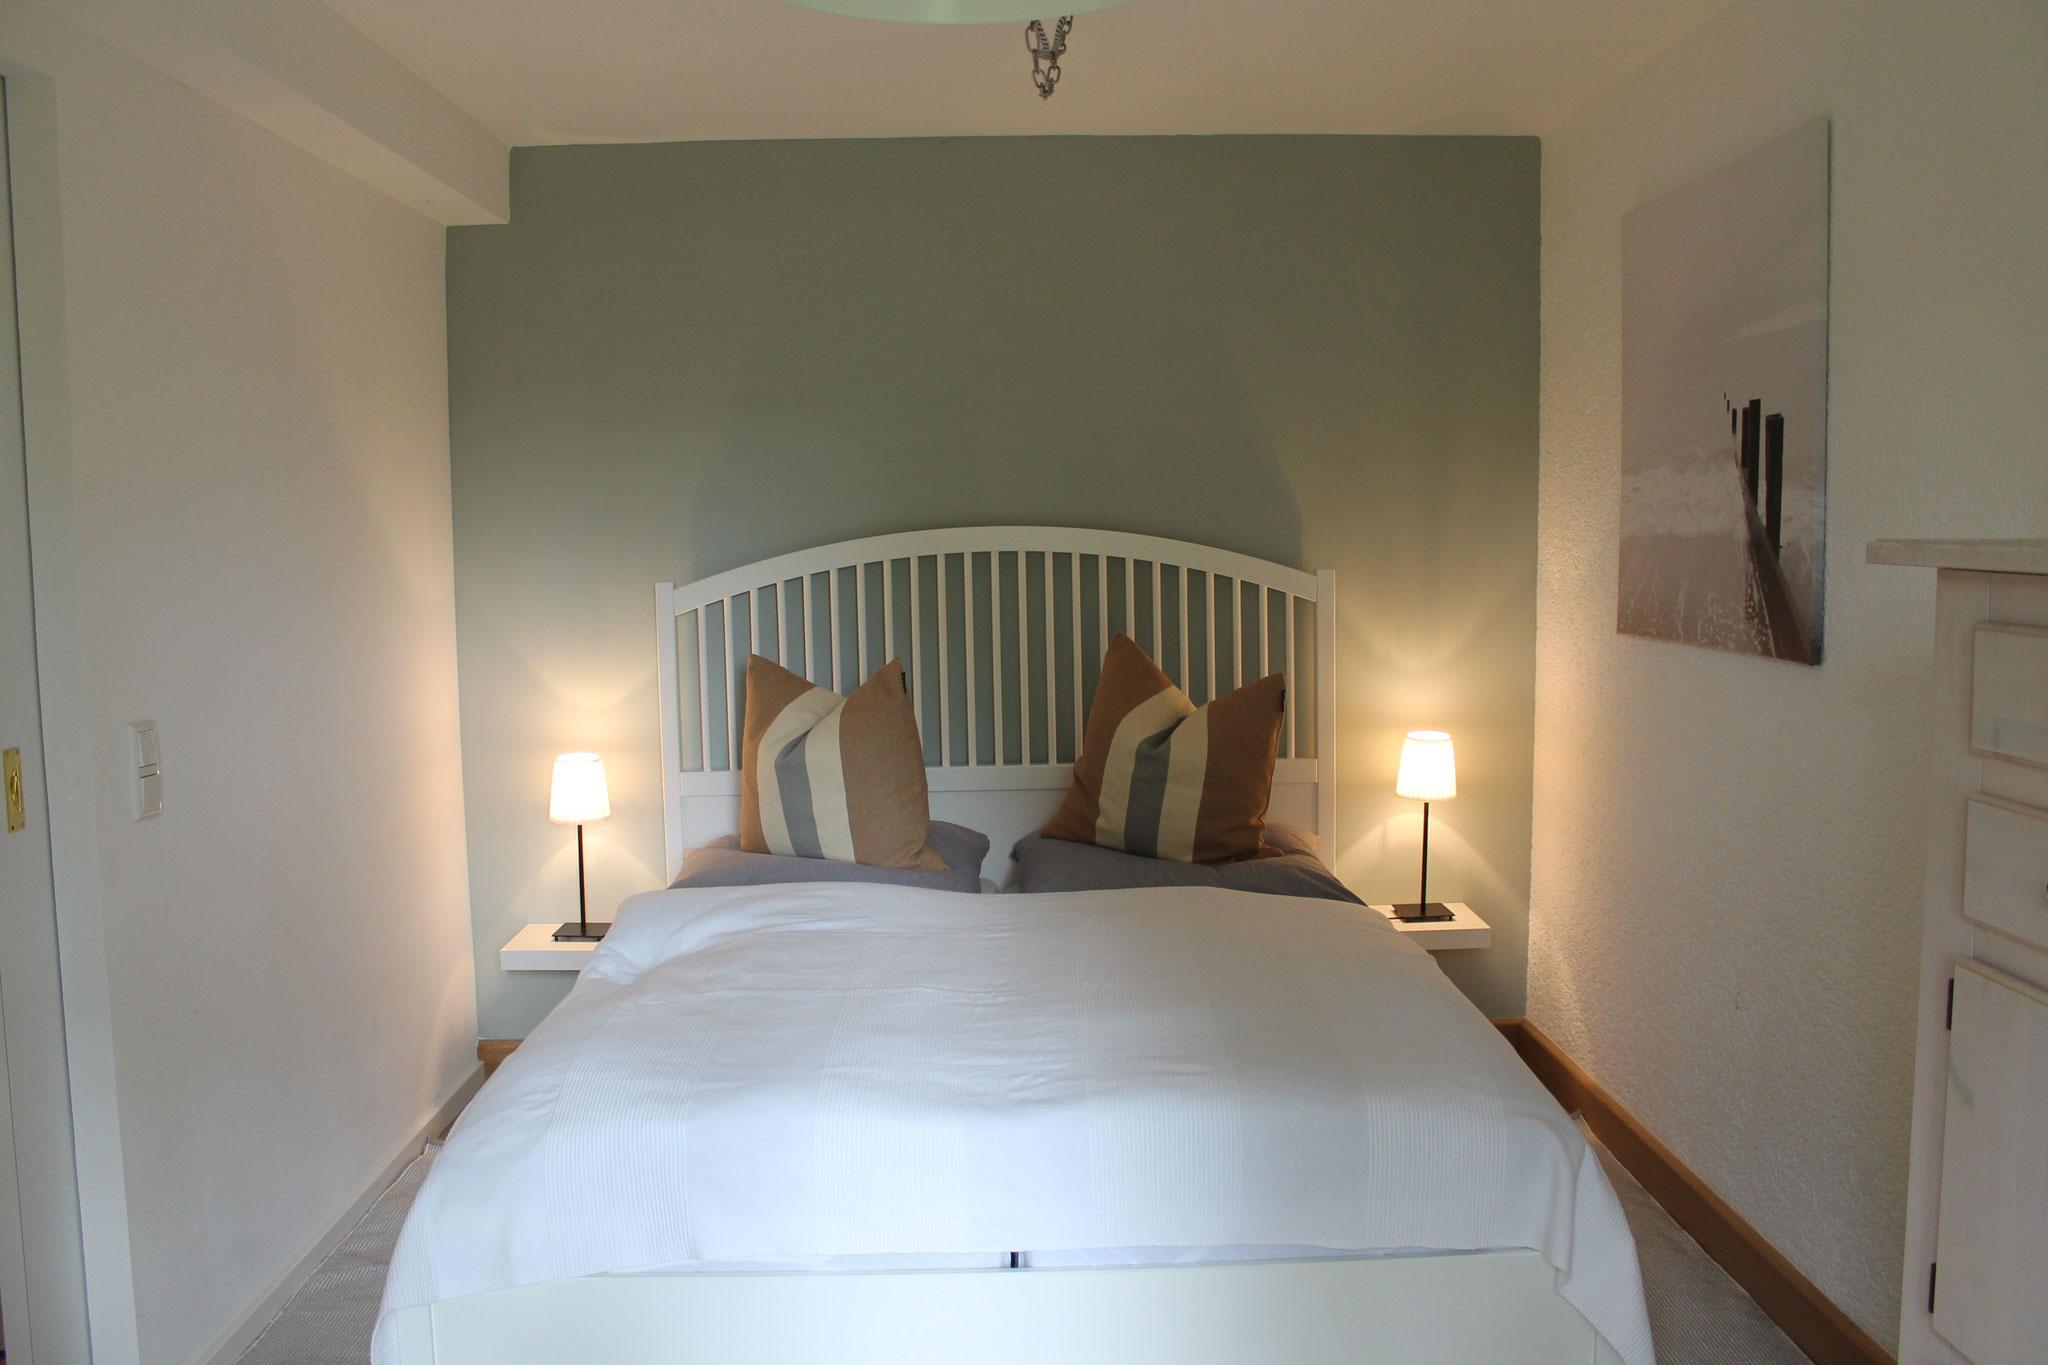 Das helle Schlafzimmer mit Blick in den Garten